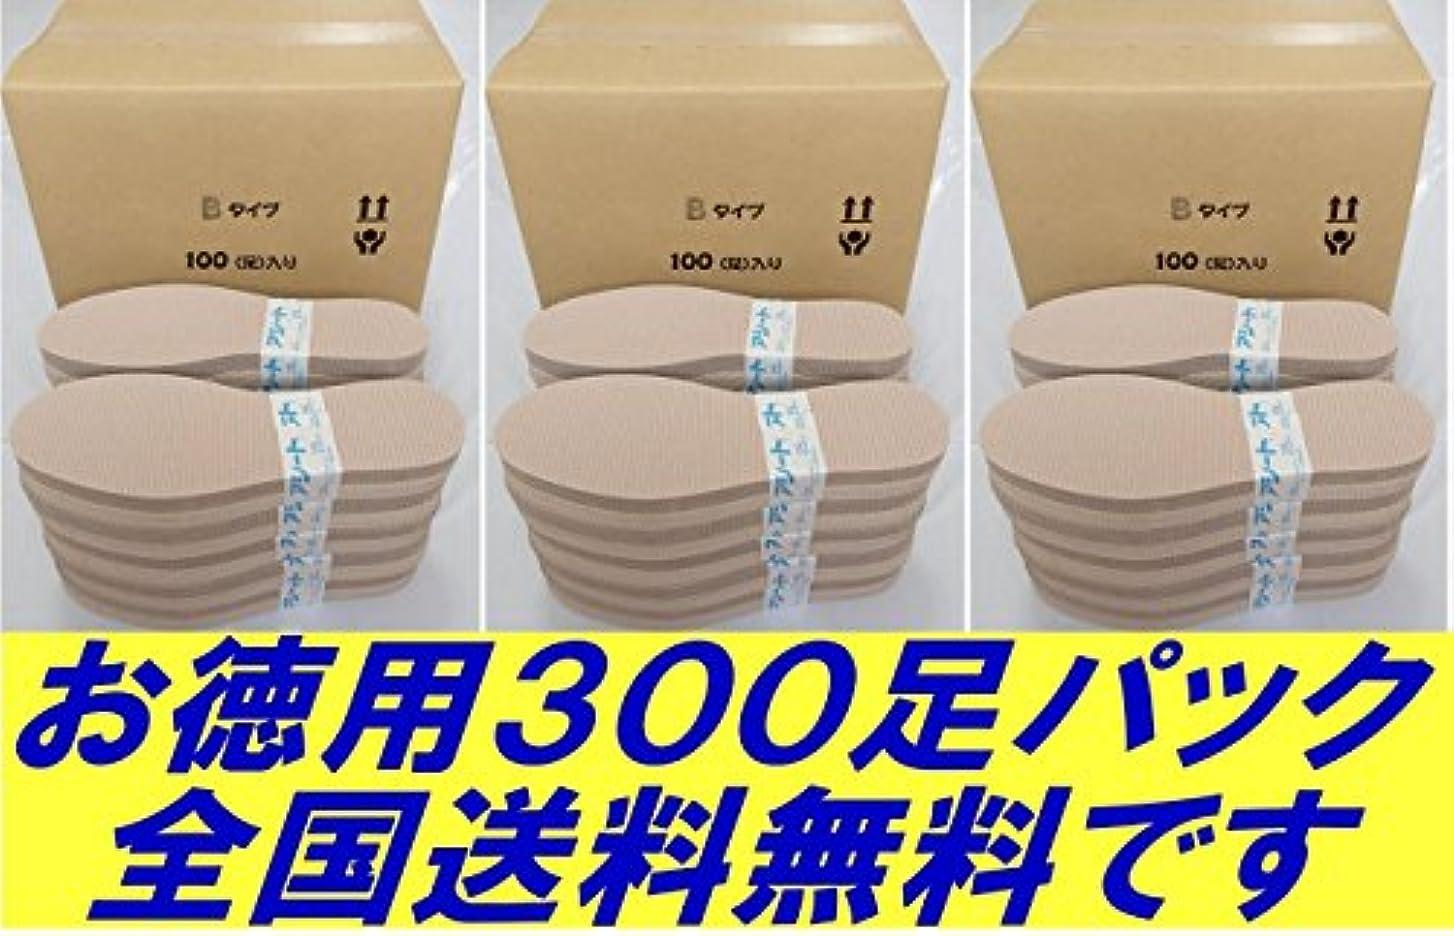 ようこそ無視インゲンアシートBタイプお徳用パック300足入り (26.5~27.0cm)